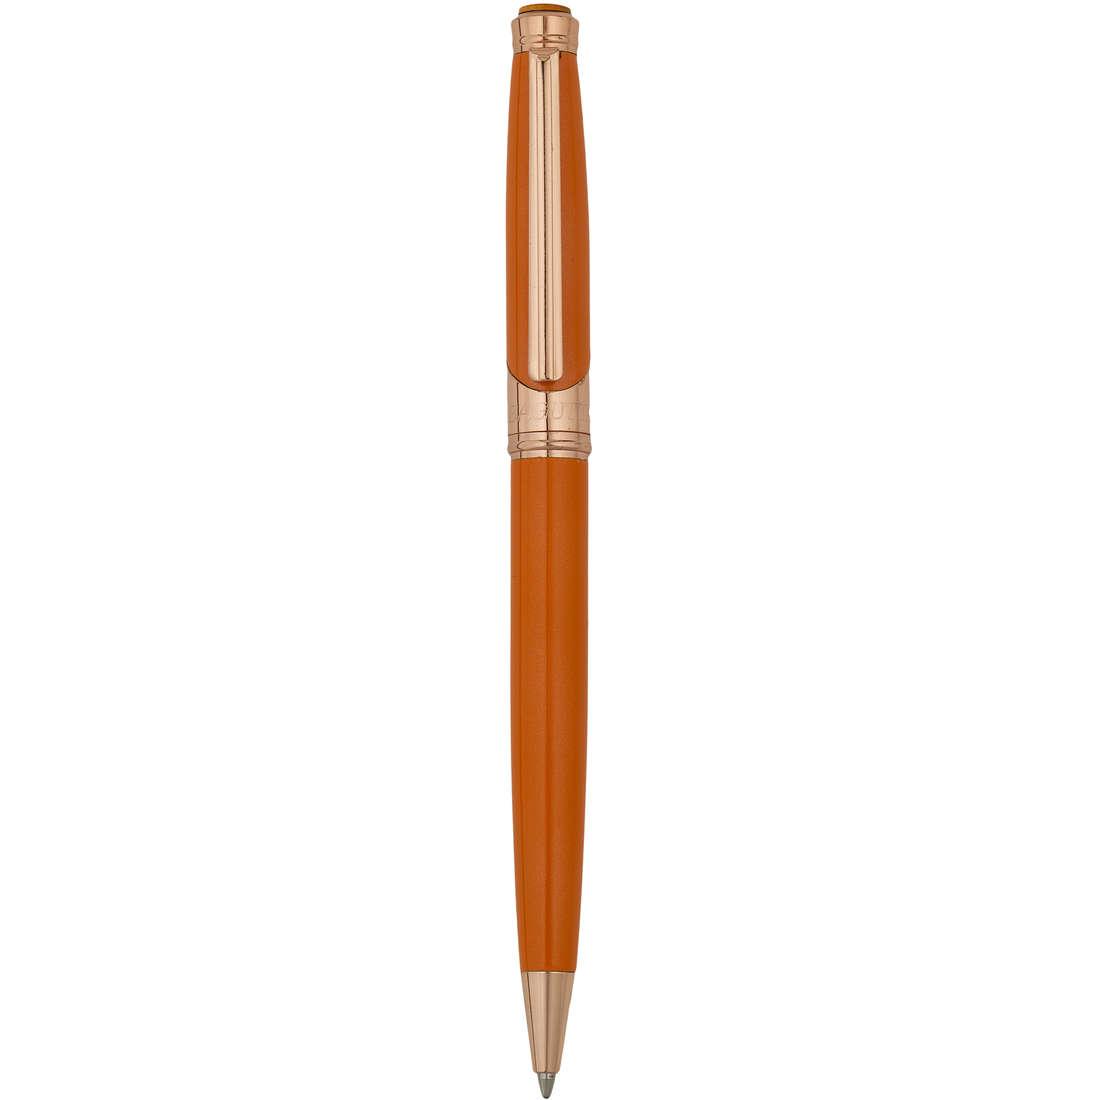 stylo unisex bijoux Bagutta Penne H 6009-01 B